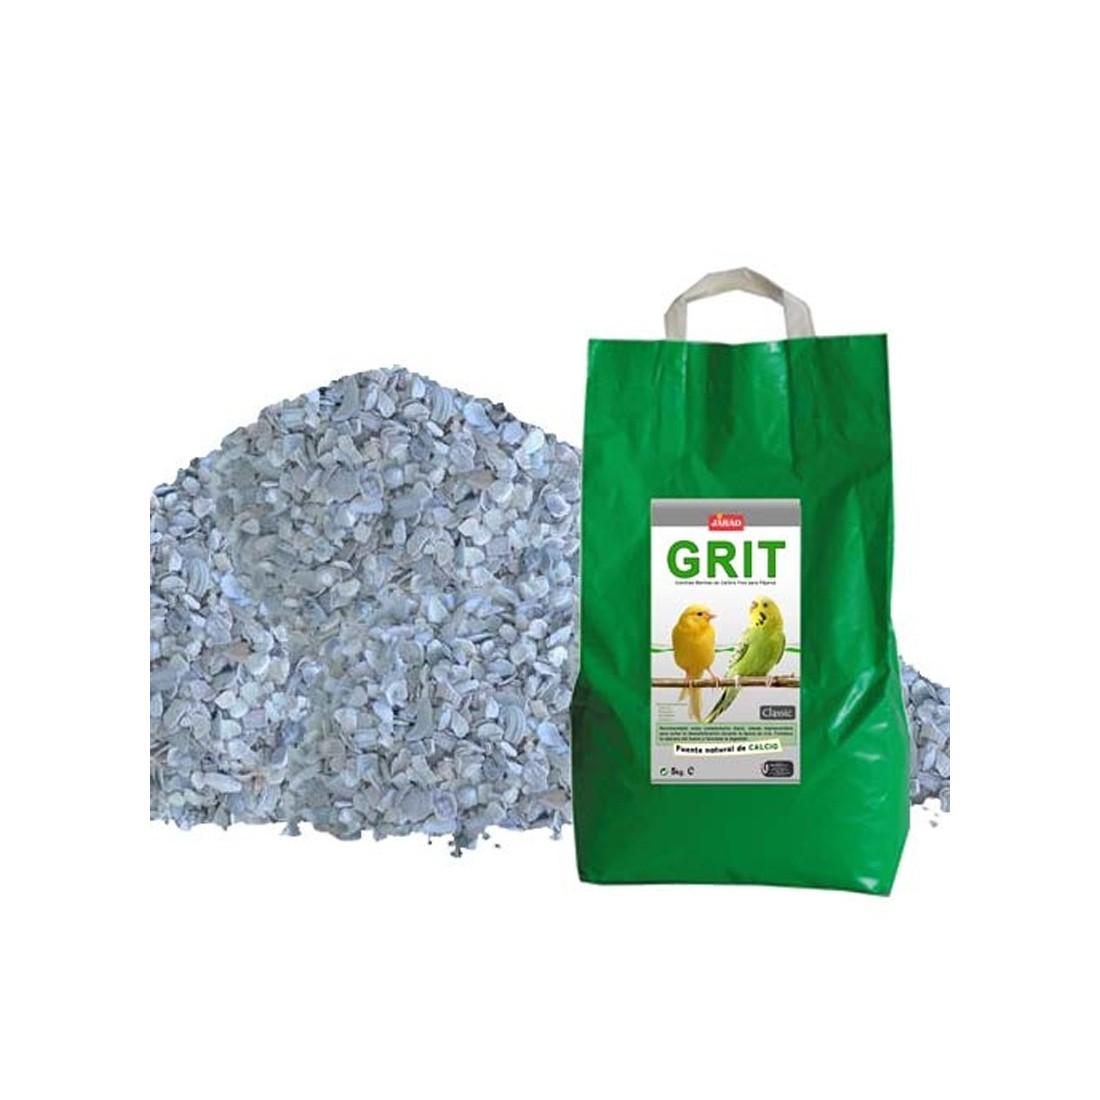 GRIT CLASIC 5KG